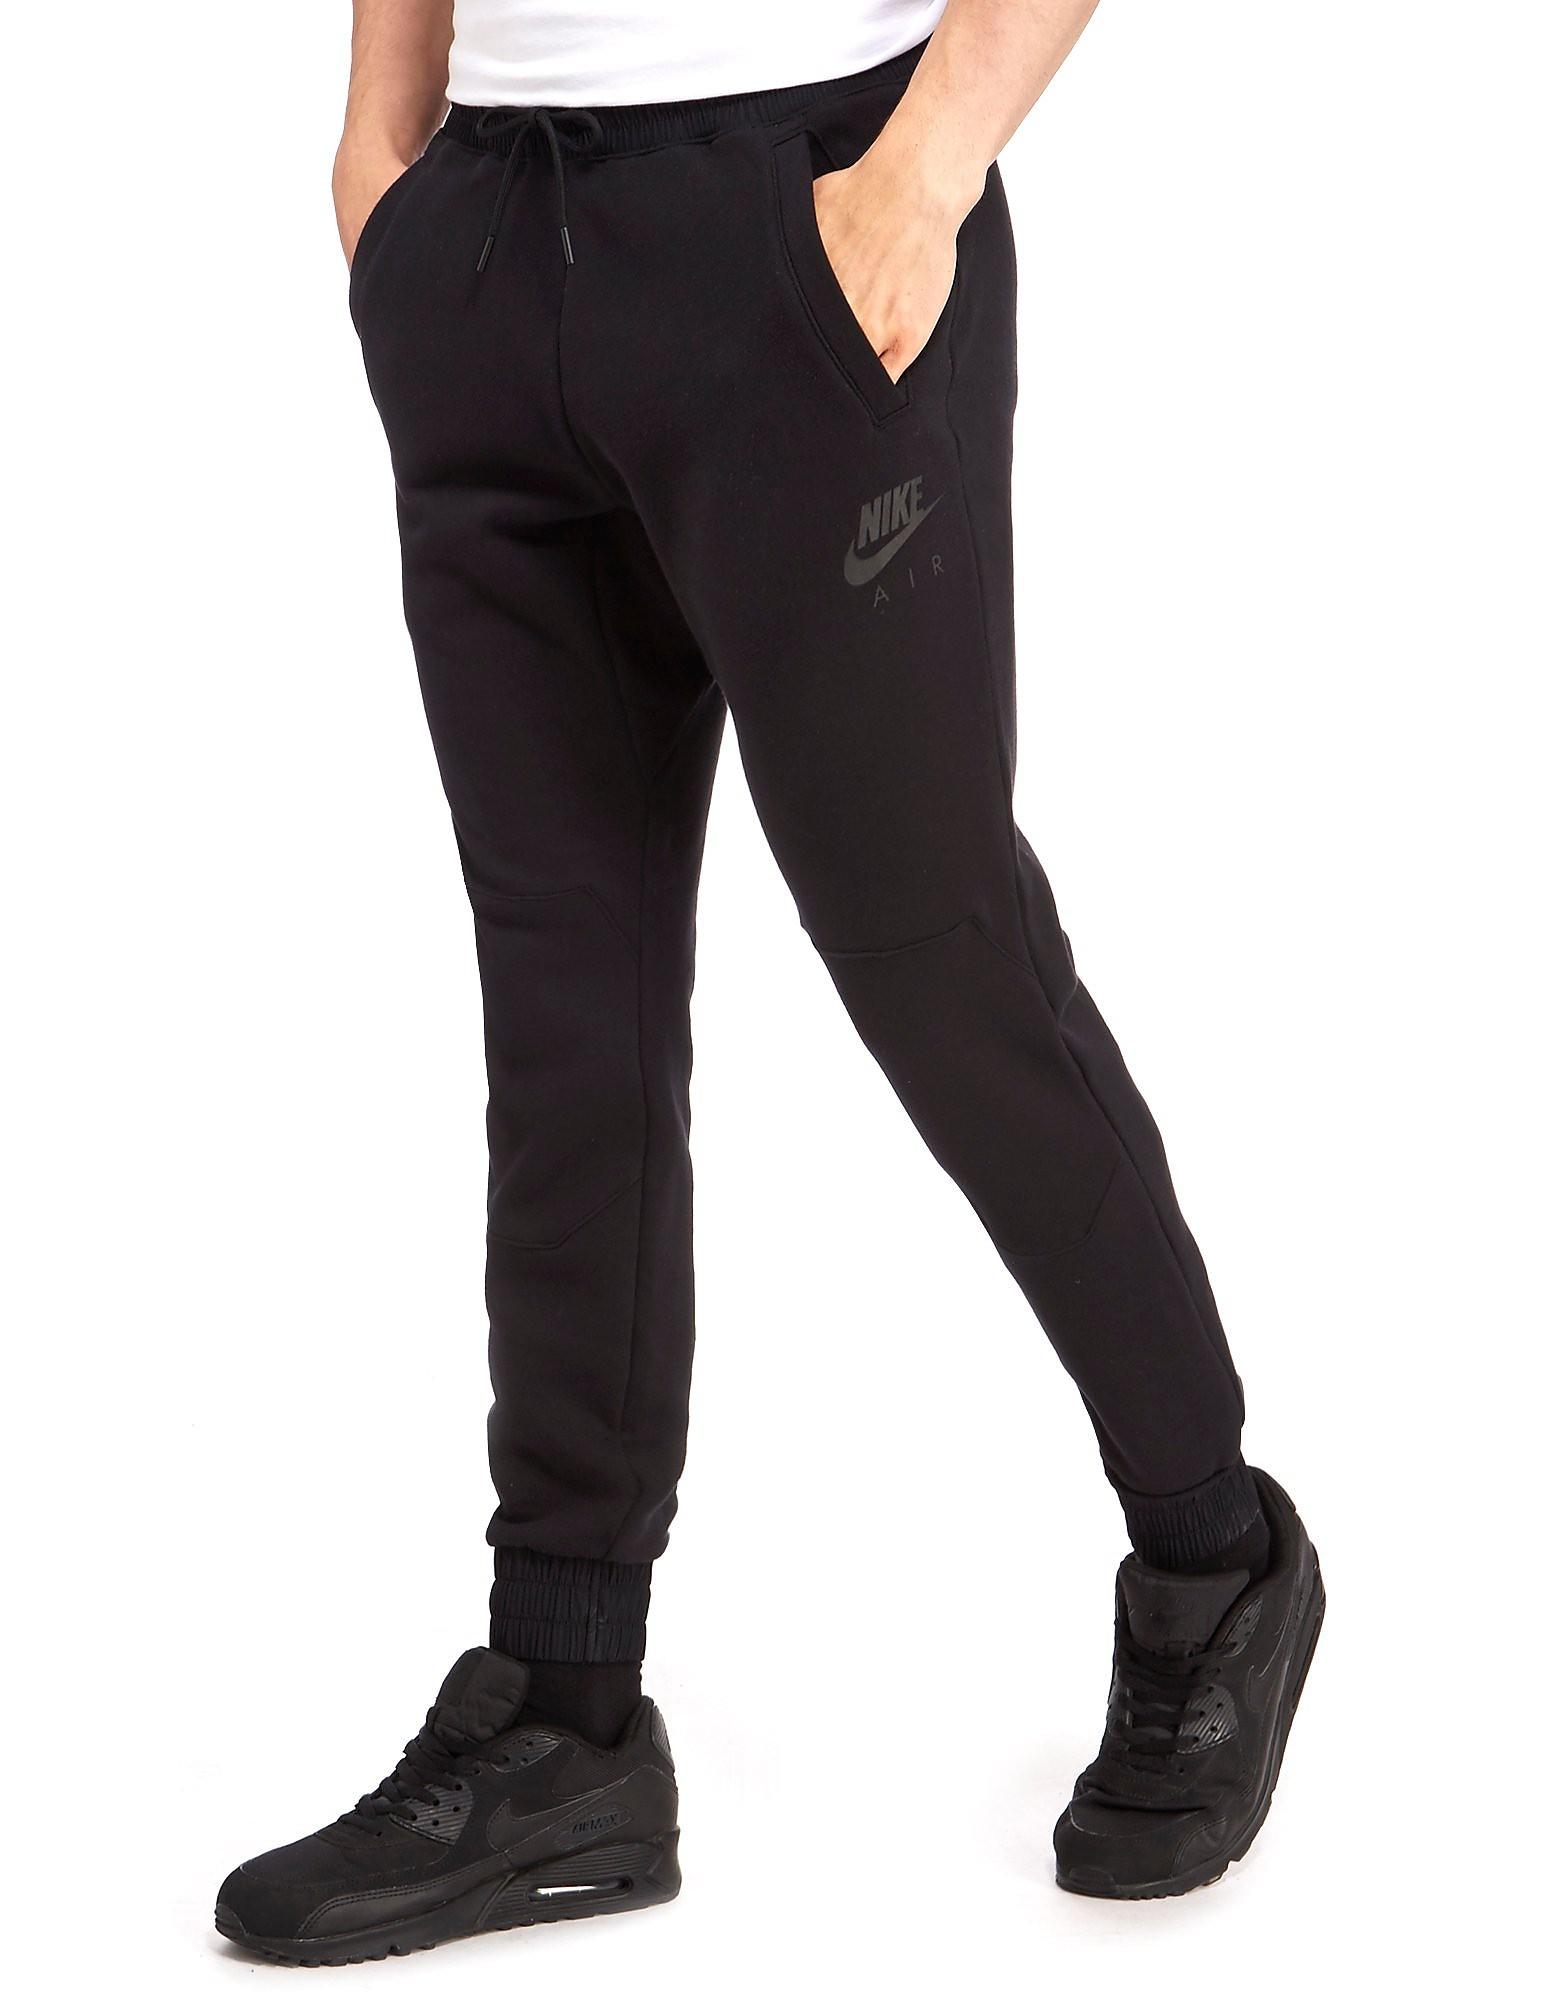 Nike Hybrid Fleece Pant